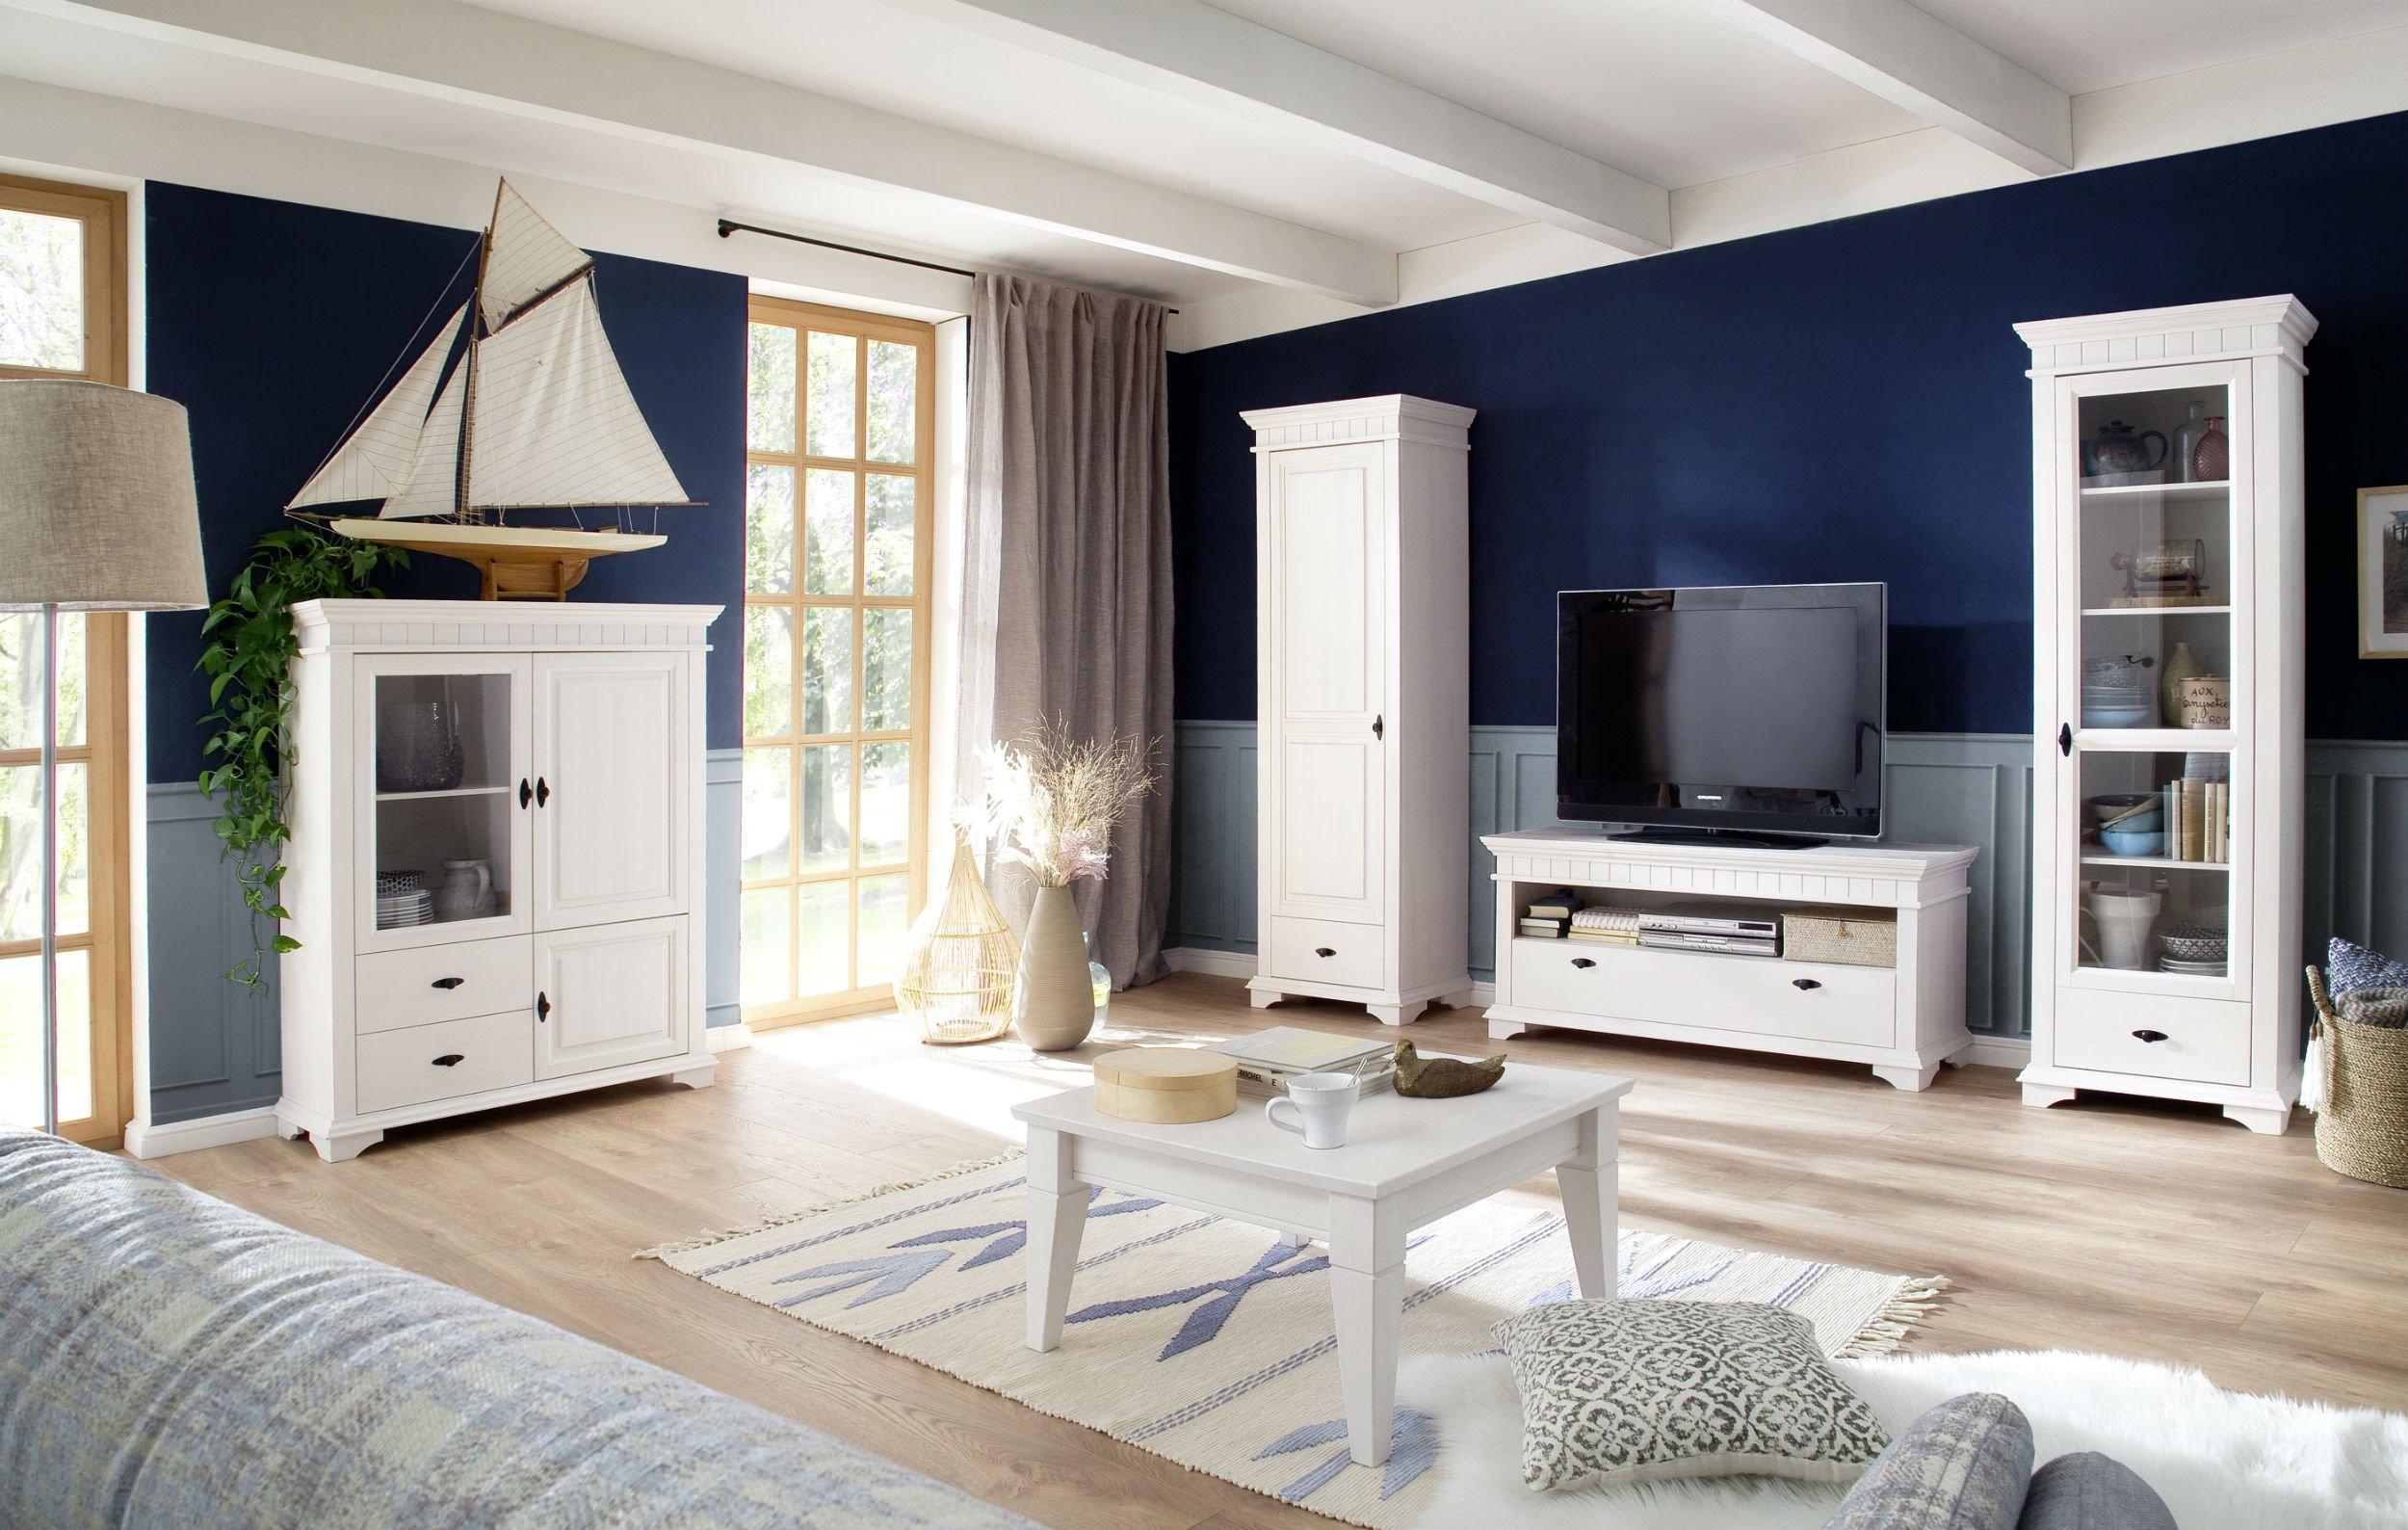 Wohnzimmer Esszimmer Möbel Lyon Massivholz weiß, Bild 1